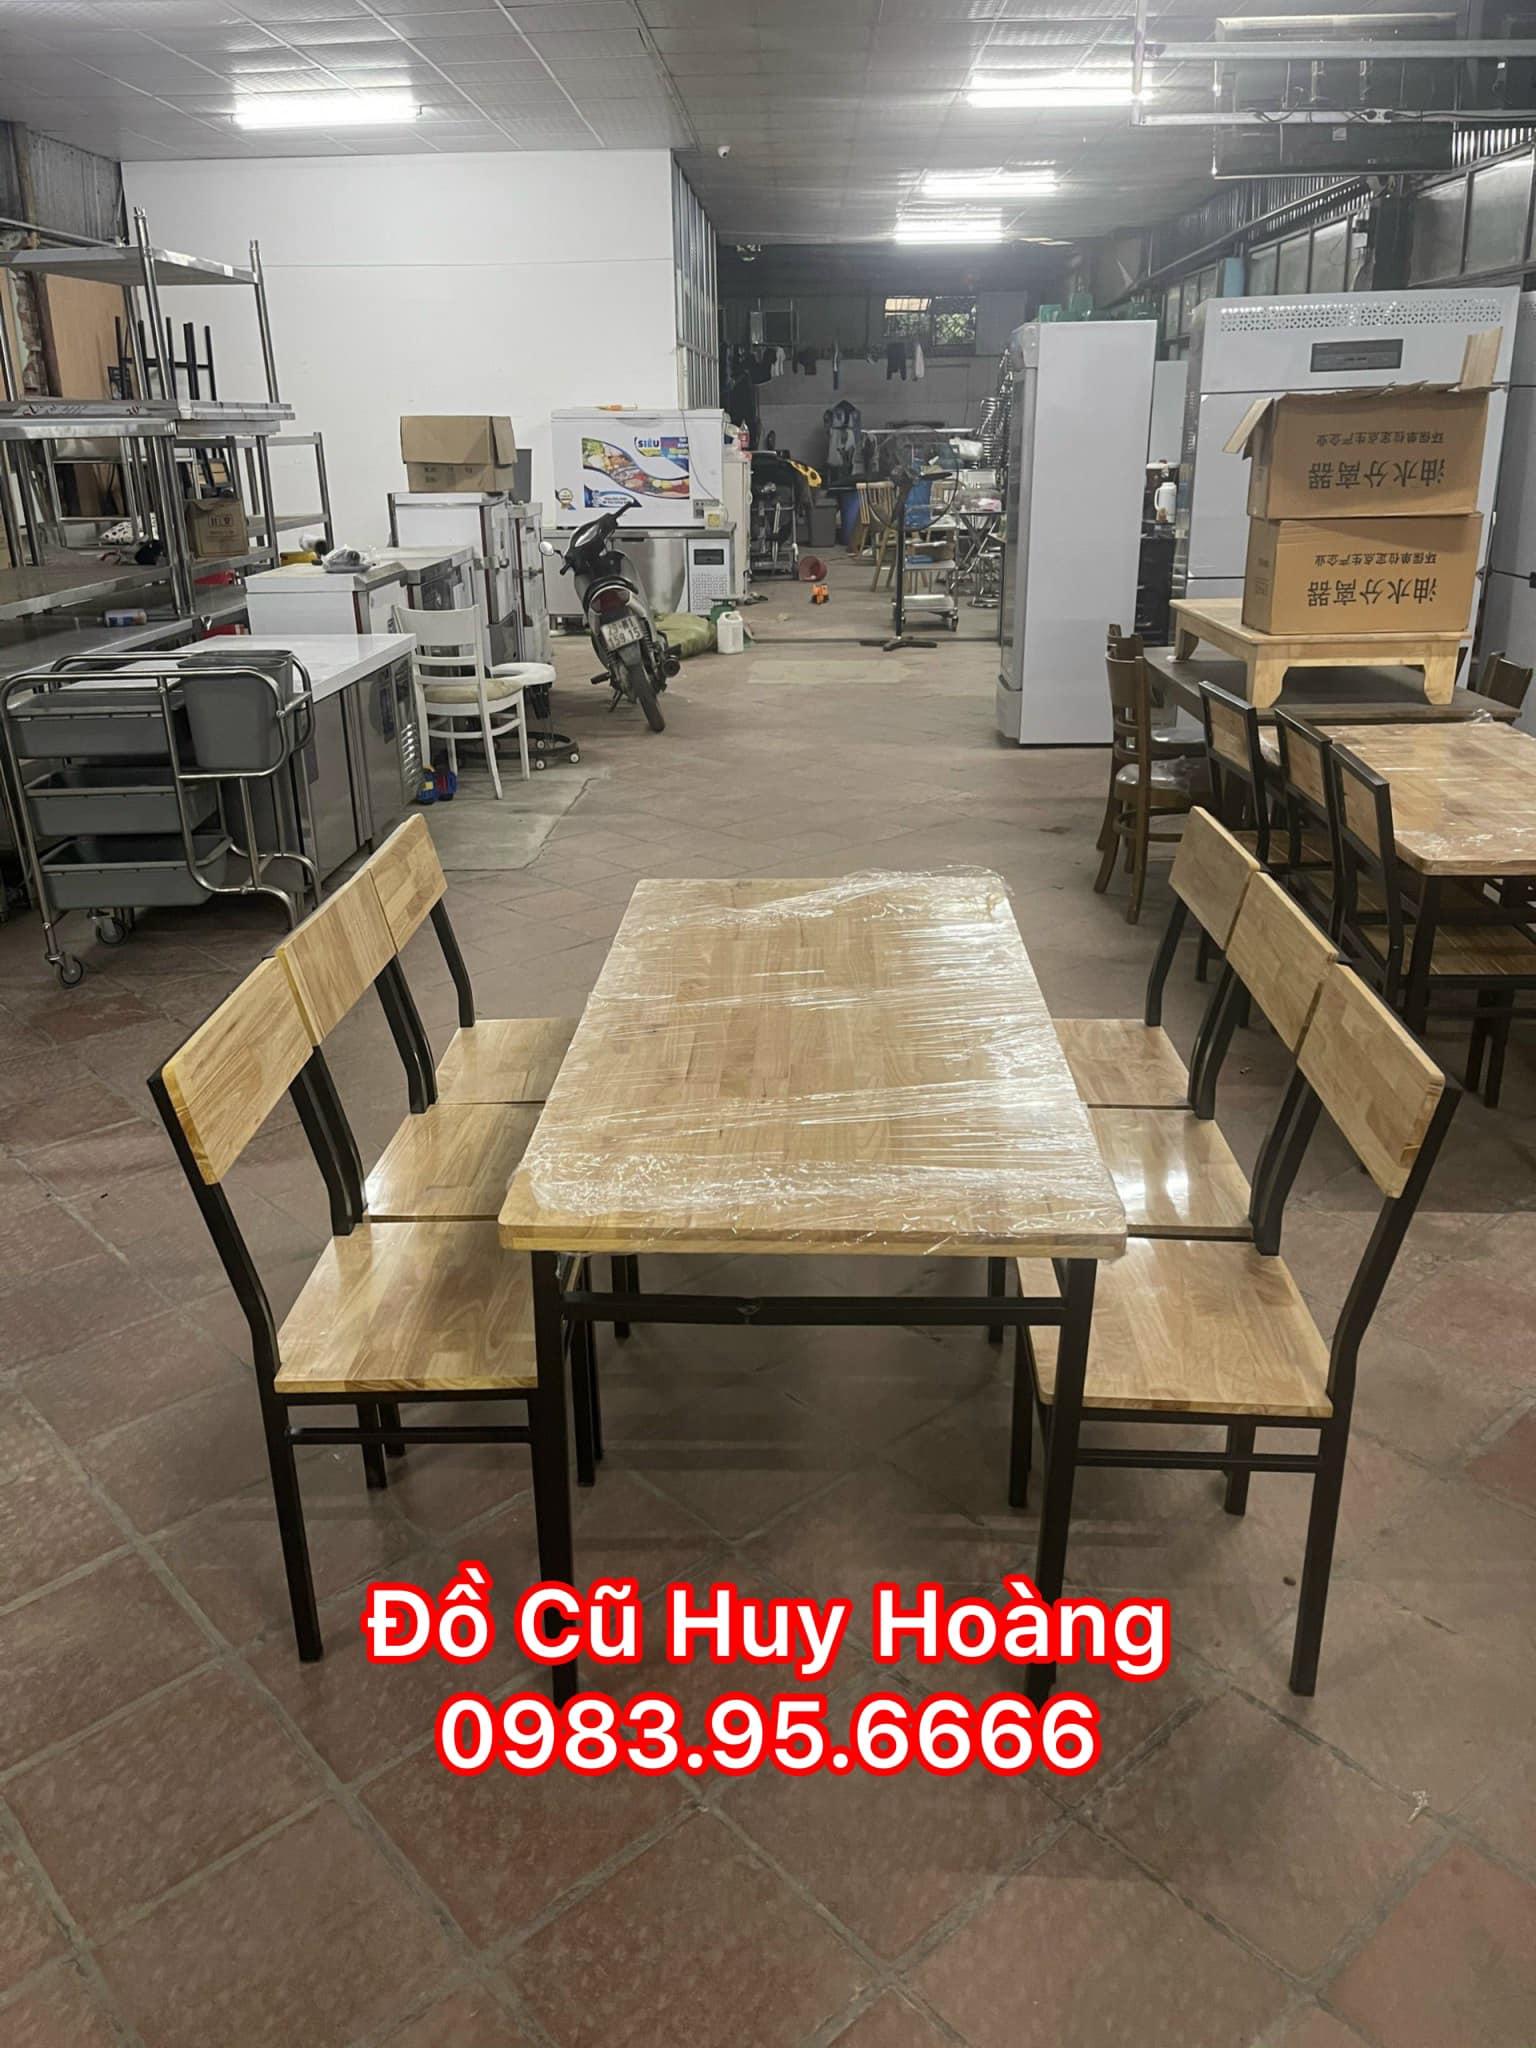 Thanh lý bàn ghế chân sắt cũ mẫu bàn ghế nhà hàng bán chạy nhất phù hợp với các không gian